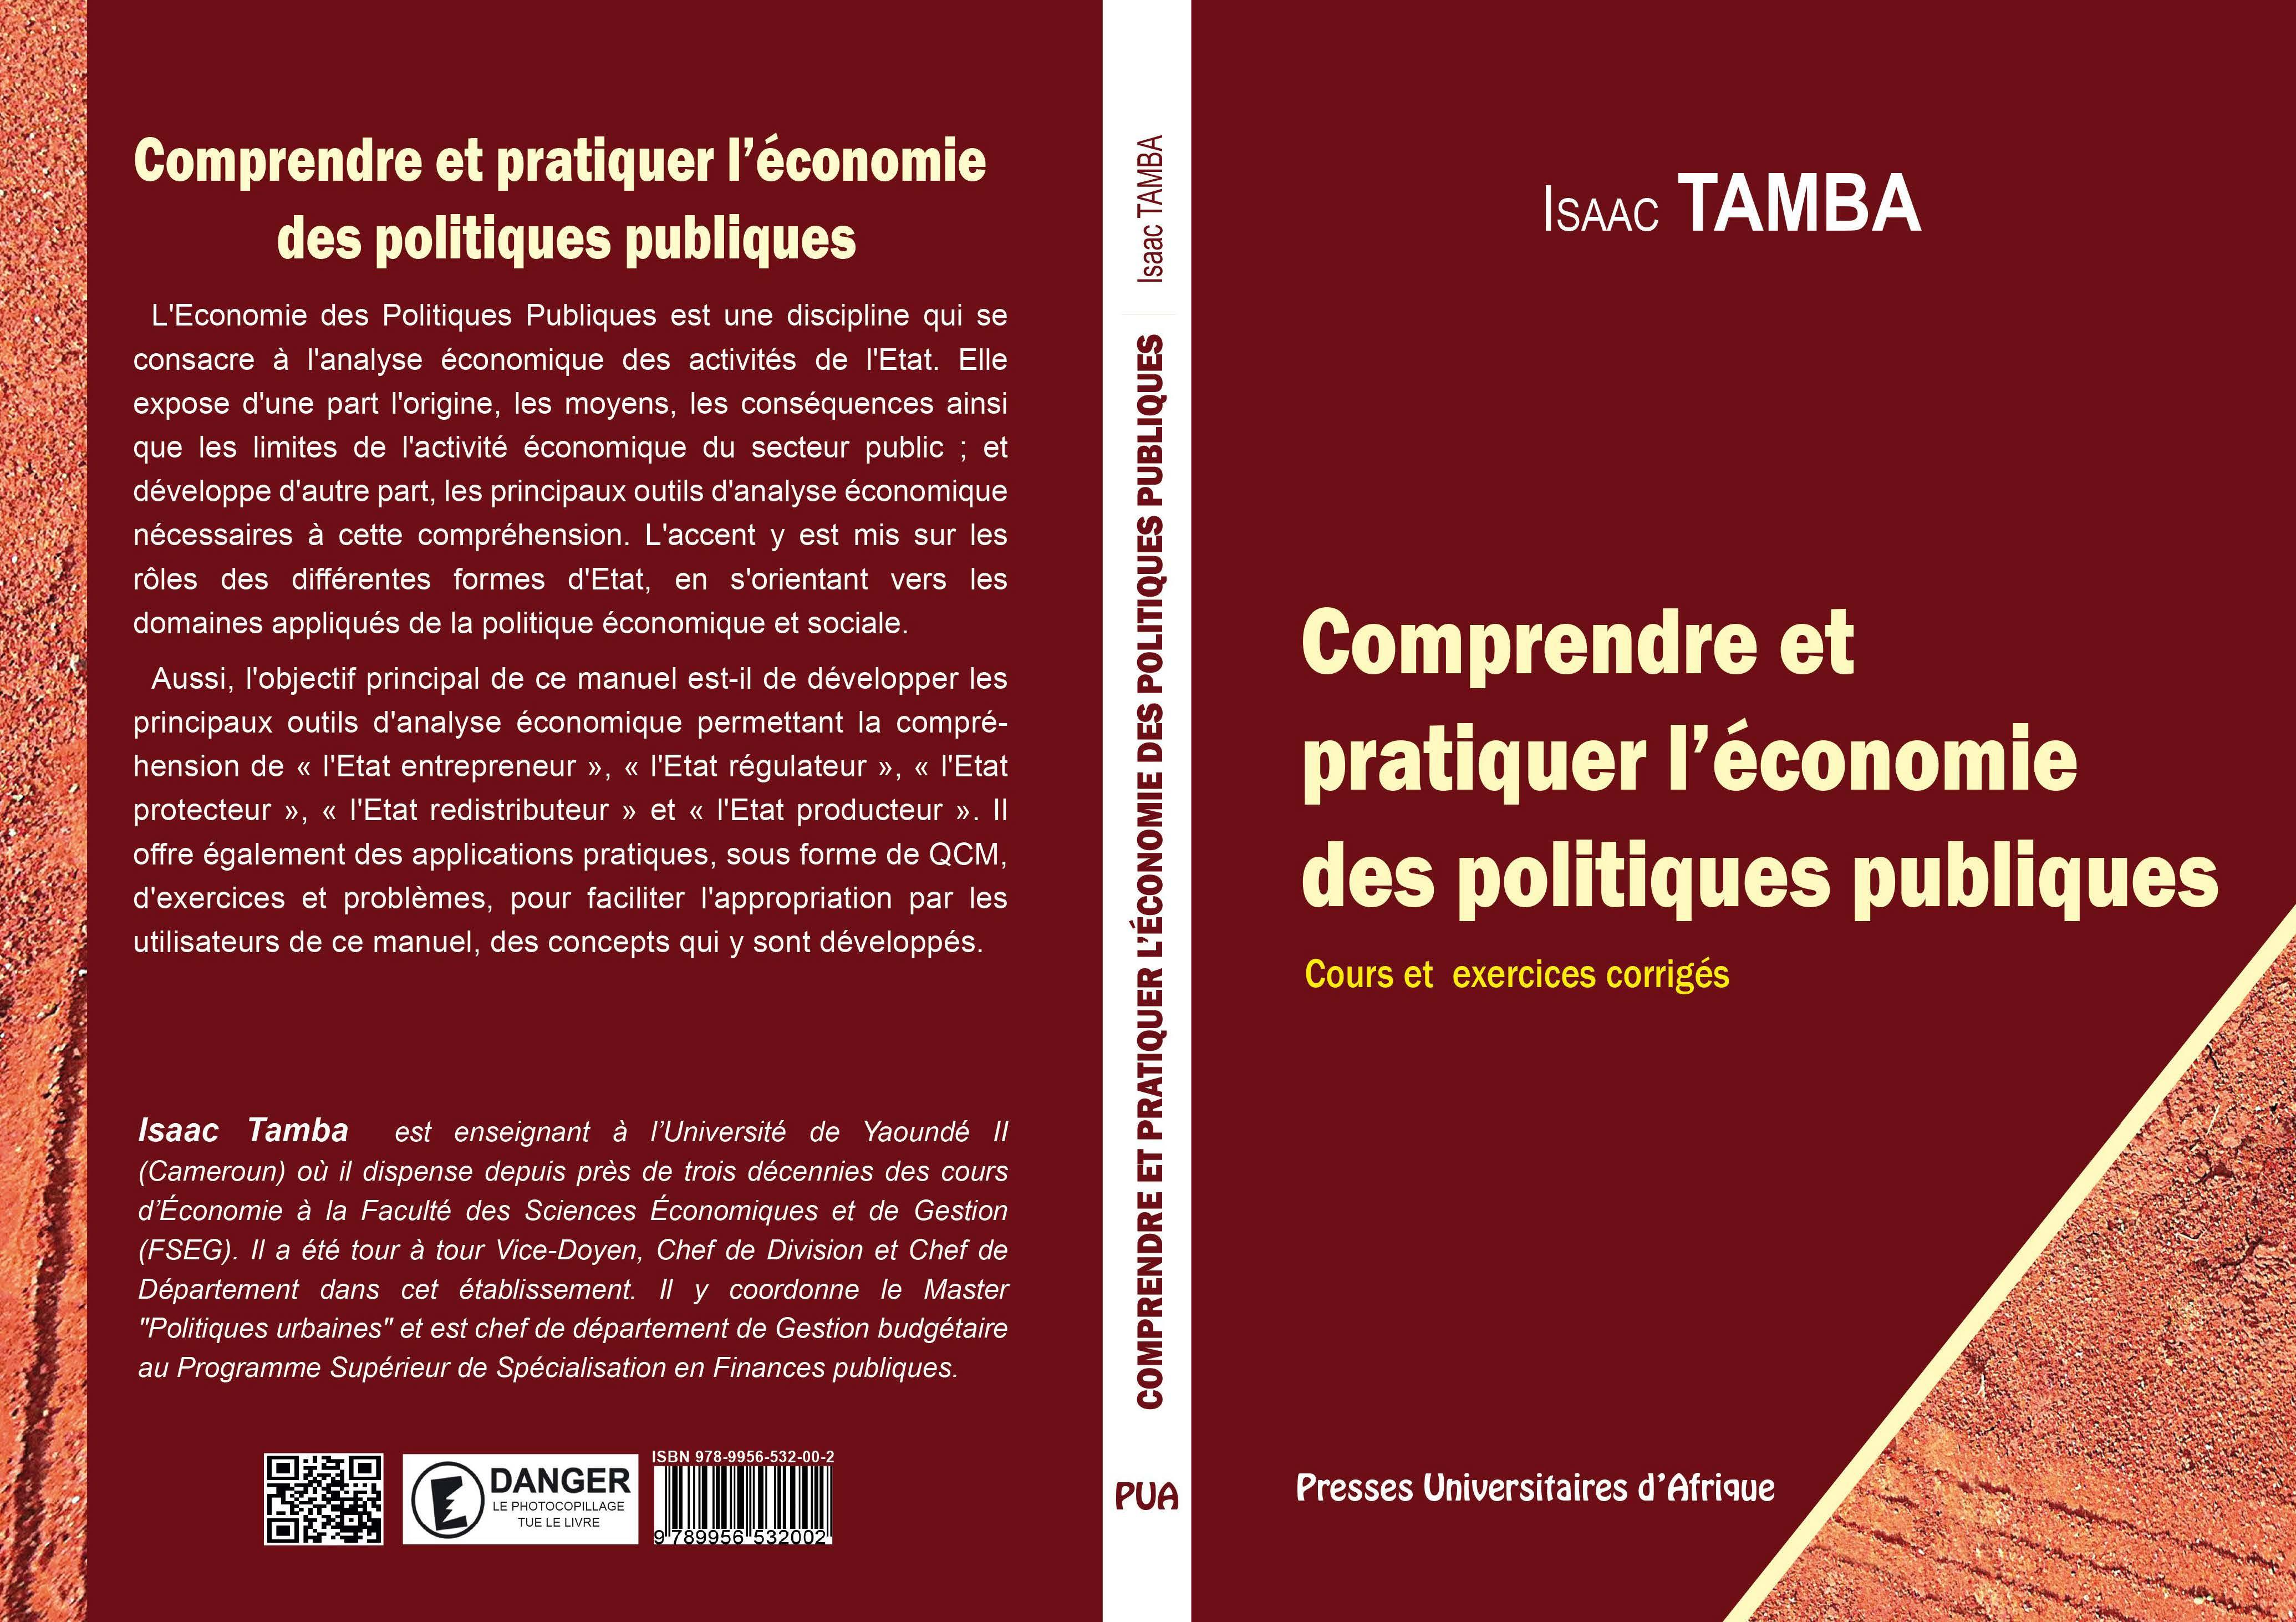 Couverture: Comprendre et pratiquer l'économie des politiques publiques